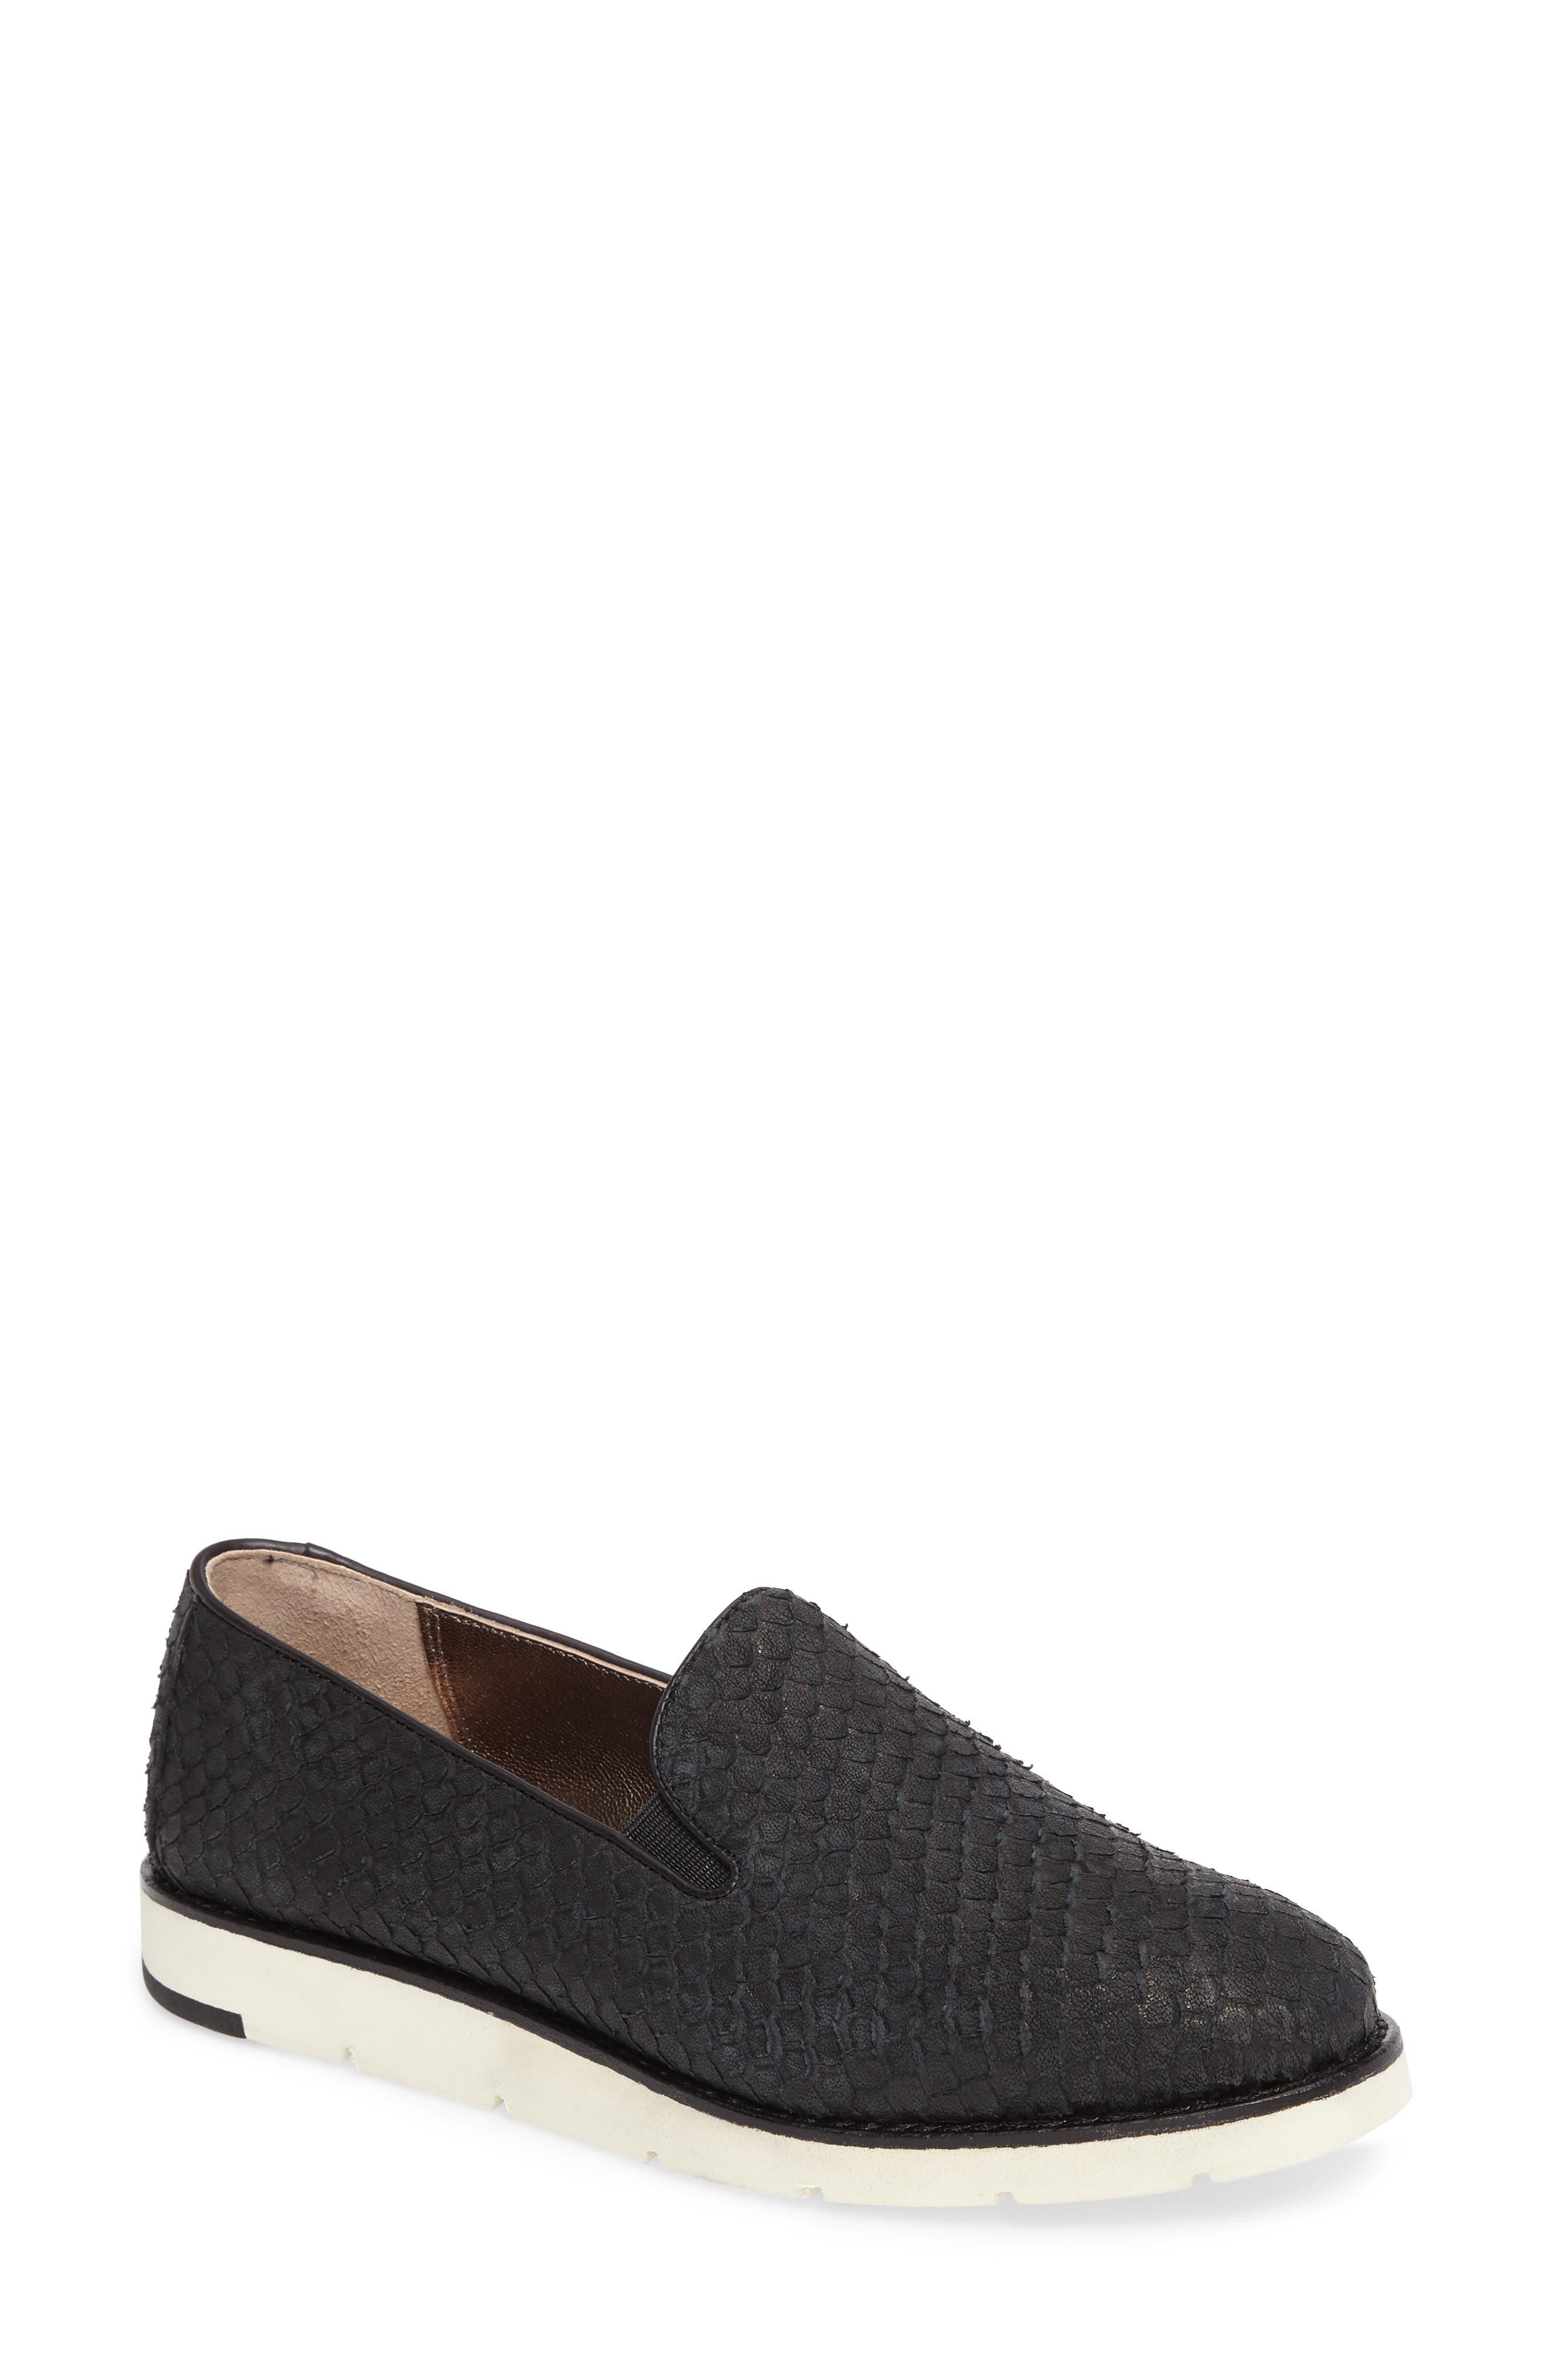 'Paulette' Slip-On Sneaker,                         Main,                         color, Black Leather